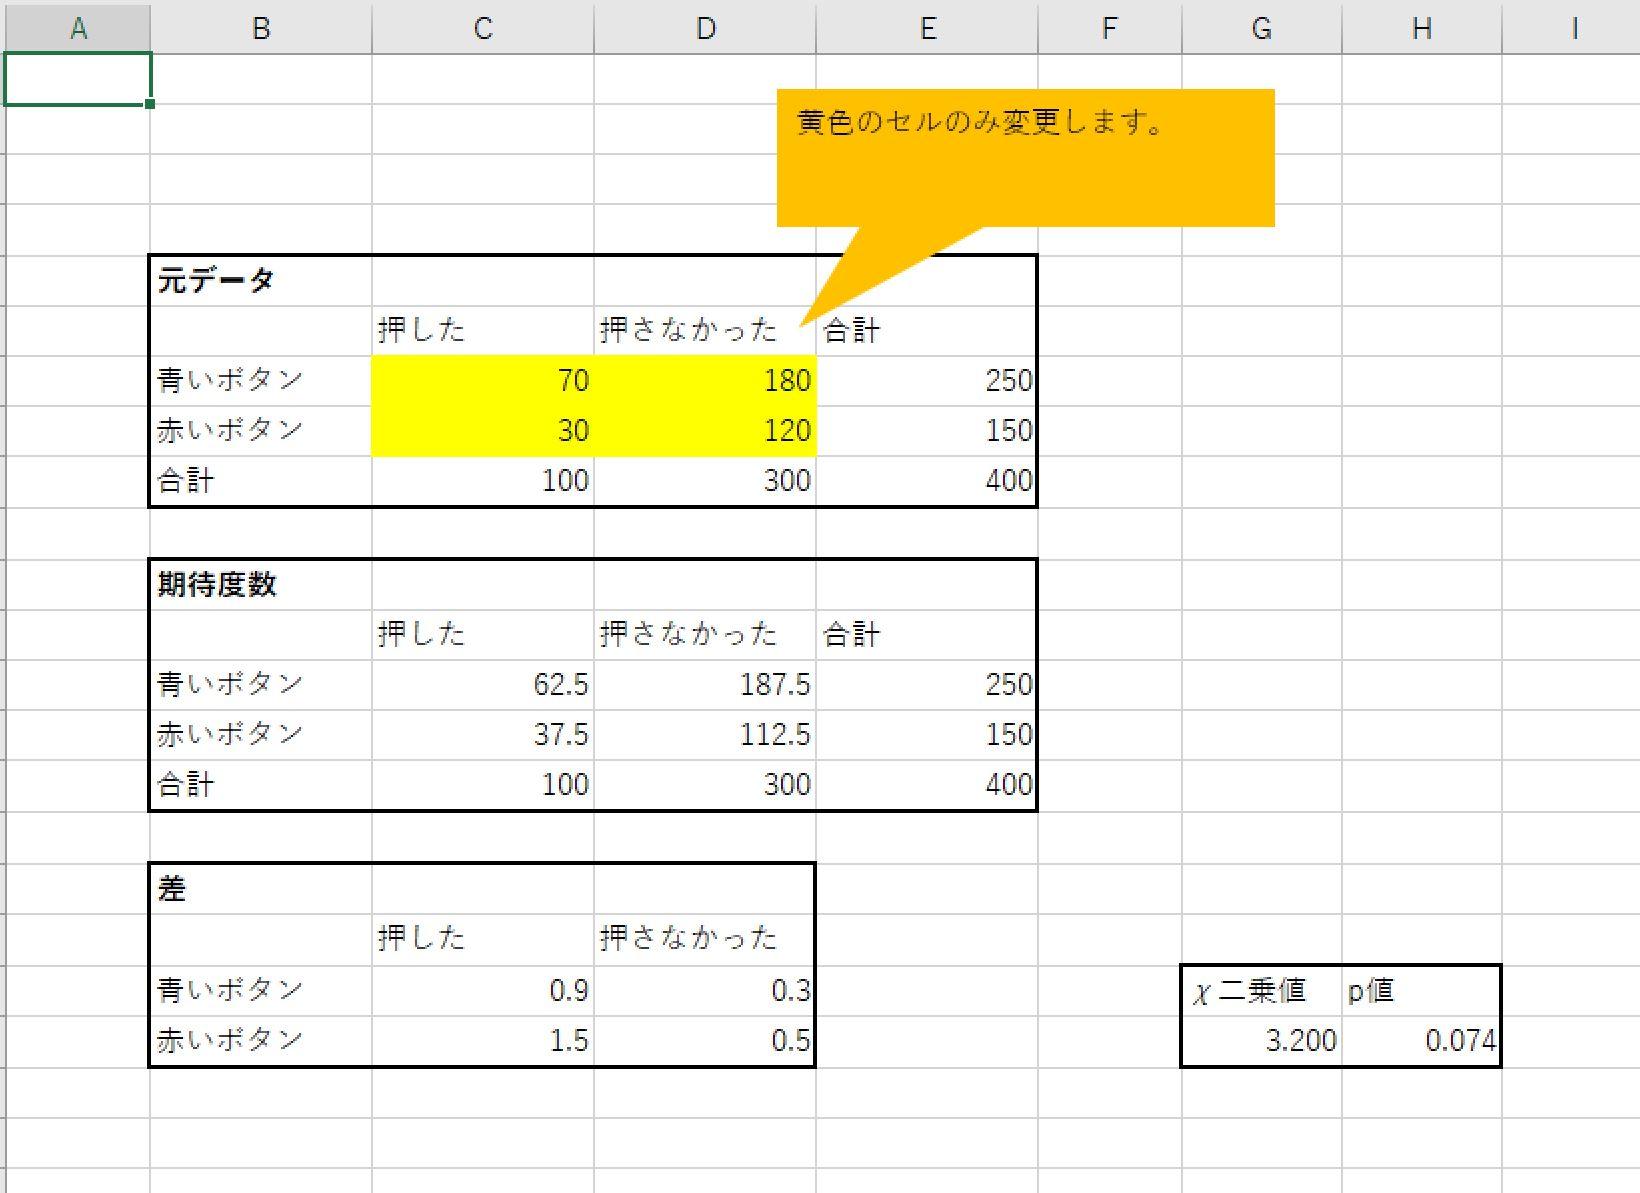 まずはExcelですが、計算用のExcelファイルを置いておきました。 Excel2010以上で使えます。 chisq,test.xlsx  このファイルには、以下の図のようなシートが入ってい